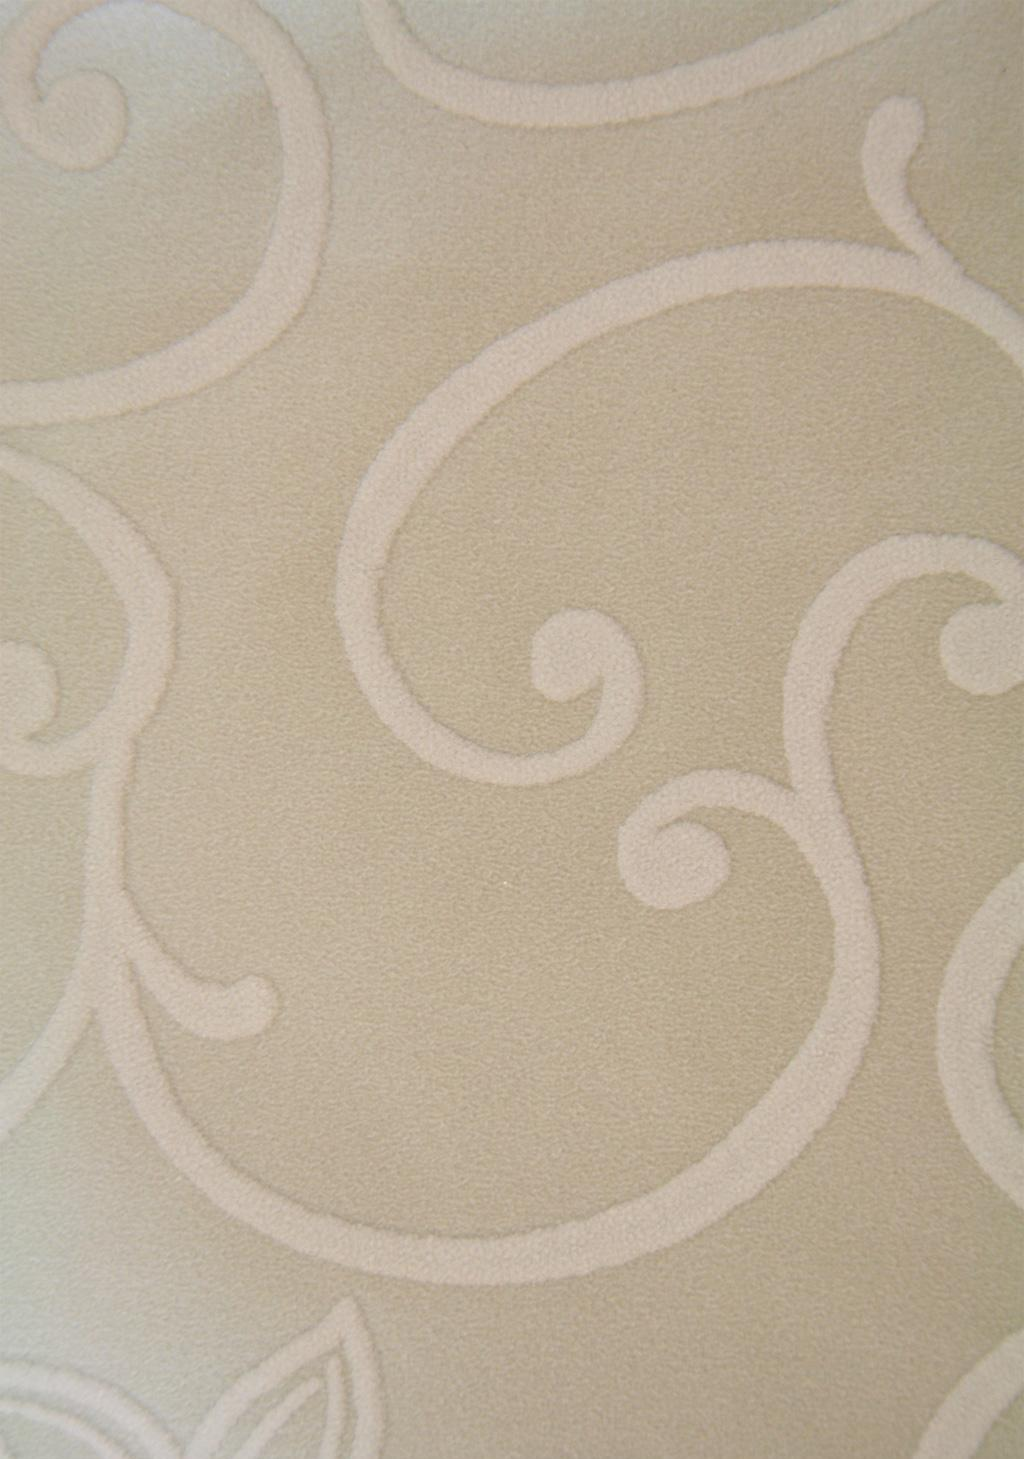 豪美迪壁纸欧式系列-5540755407